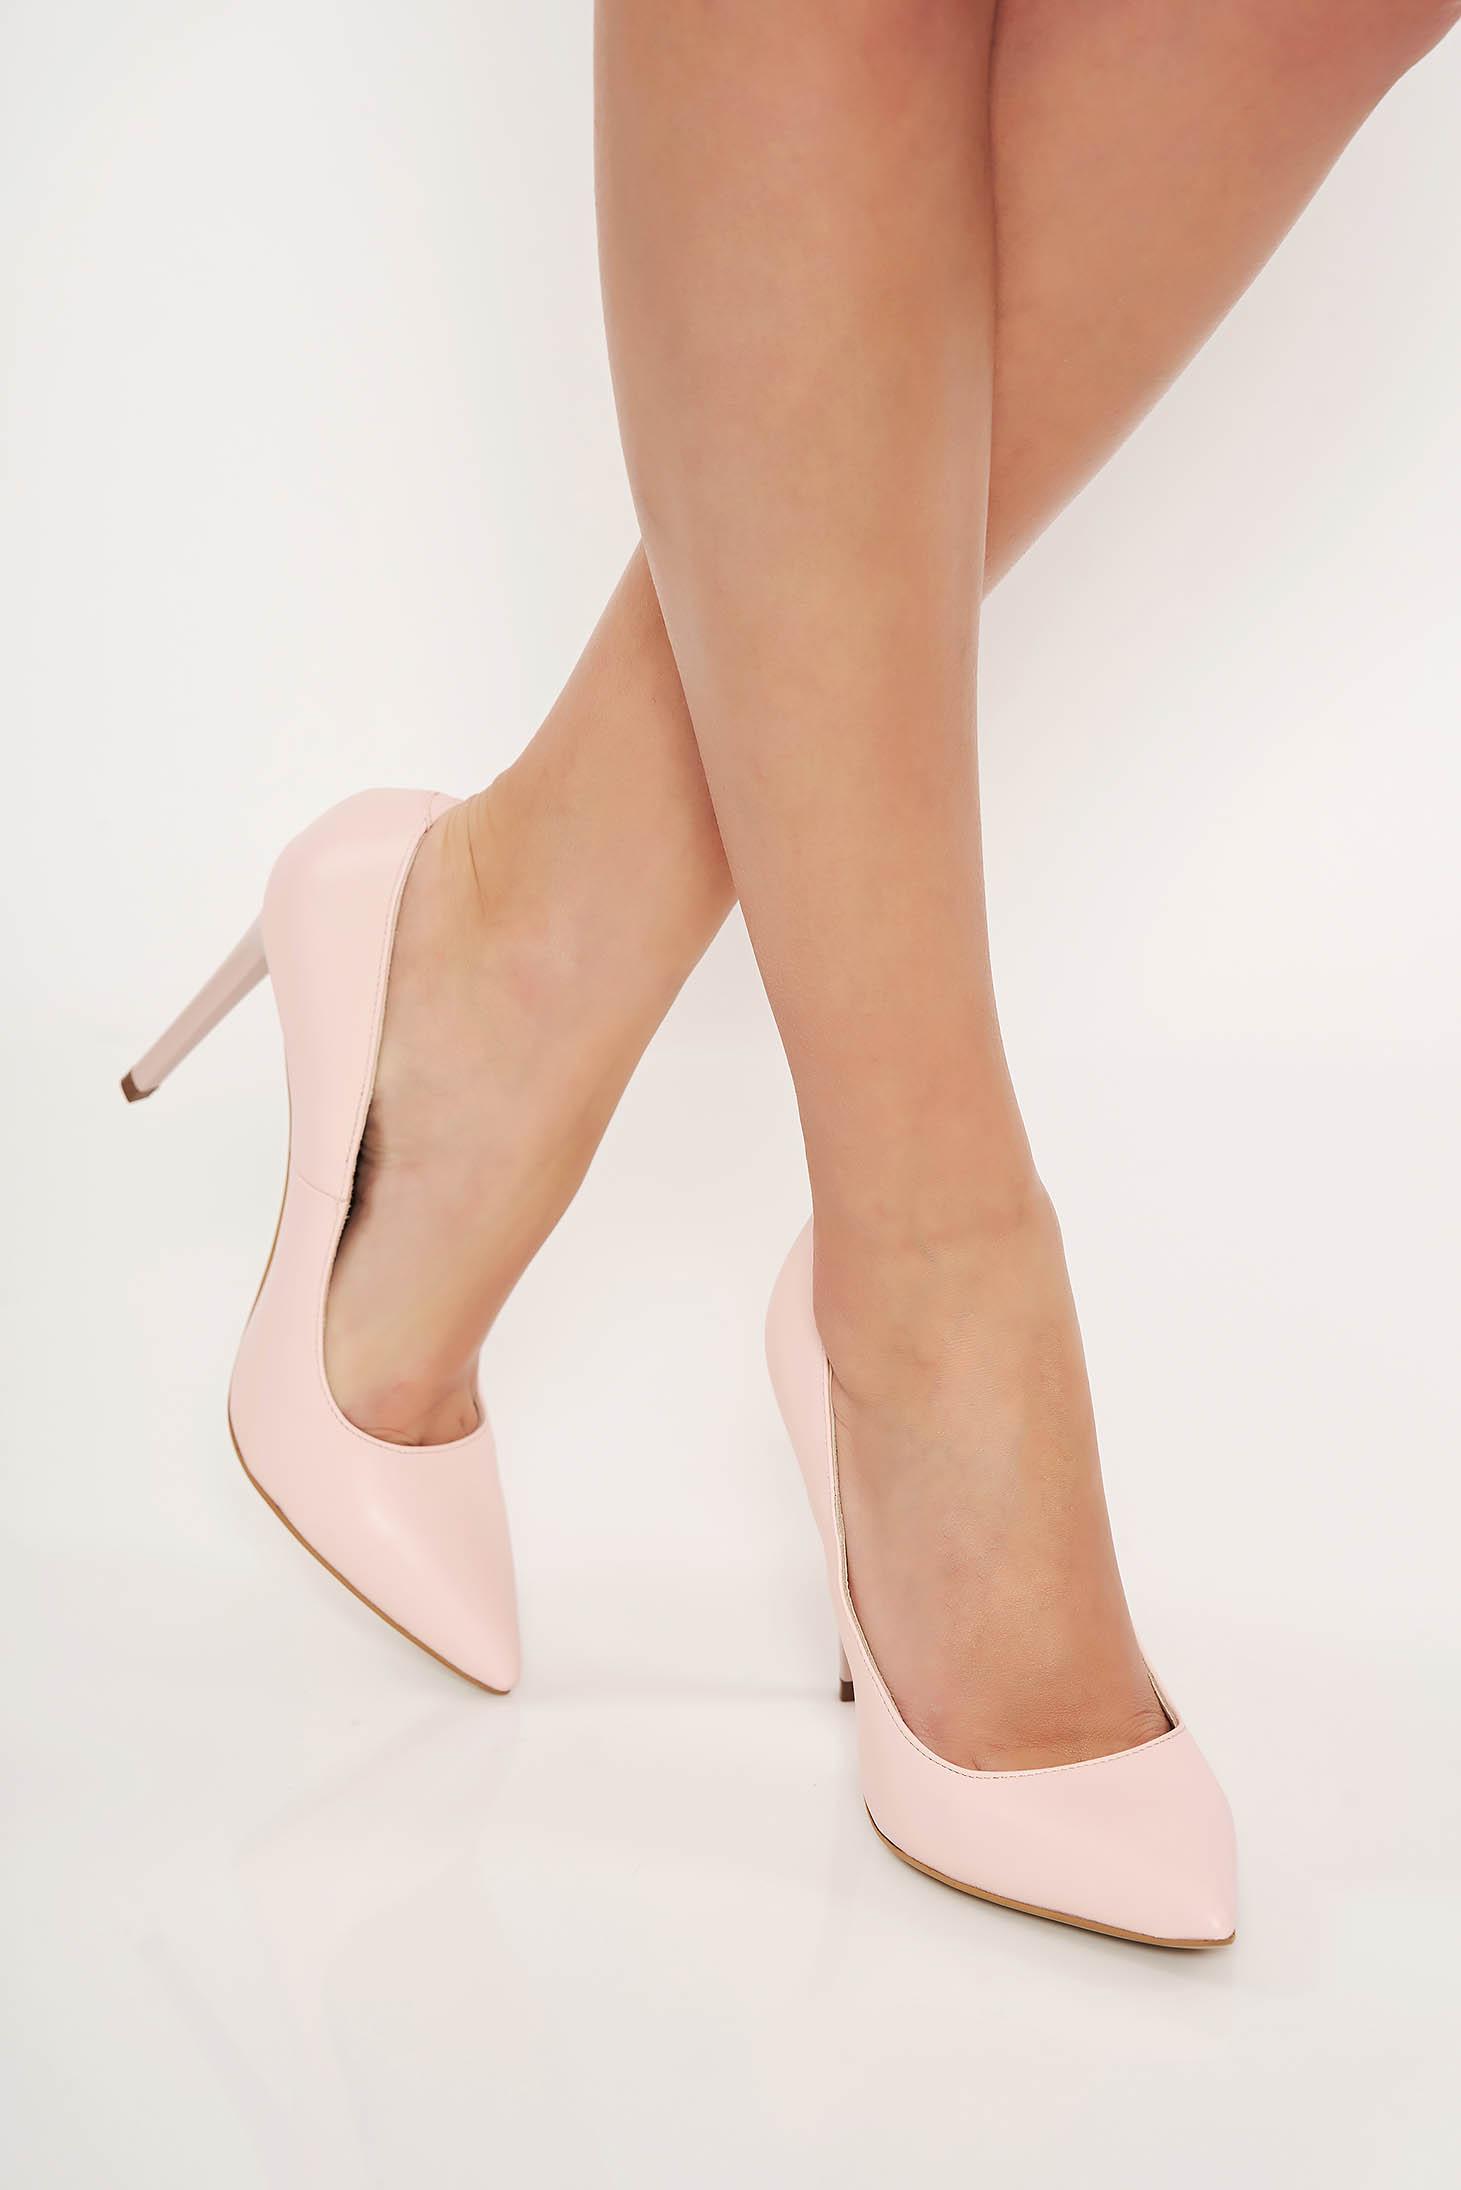 Világos rózsaszín irodai cipő stiletto enyhén hegyes orral